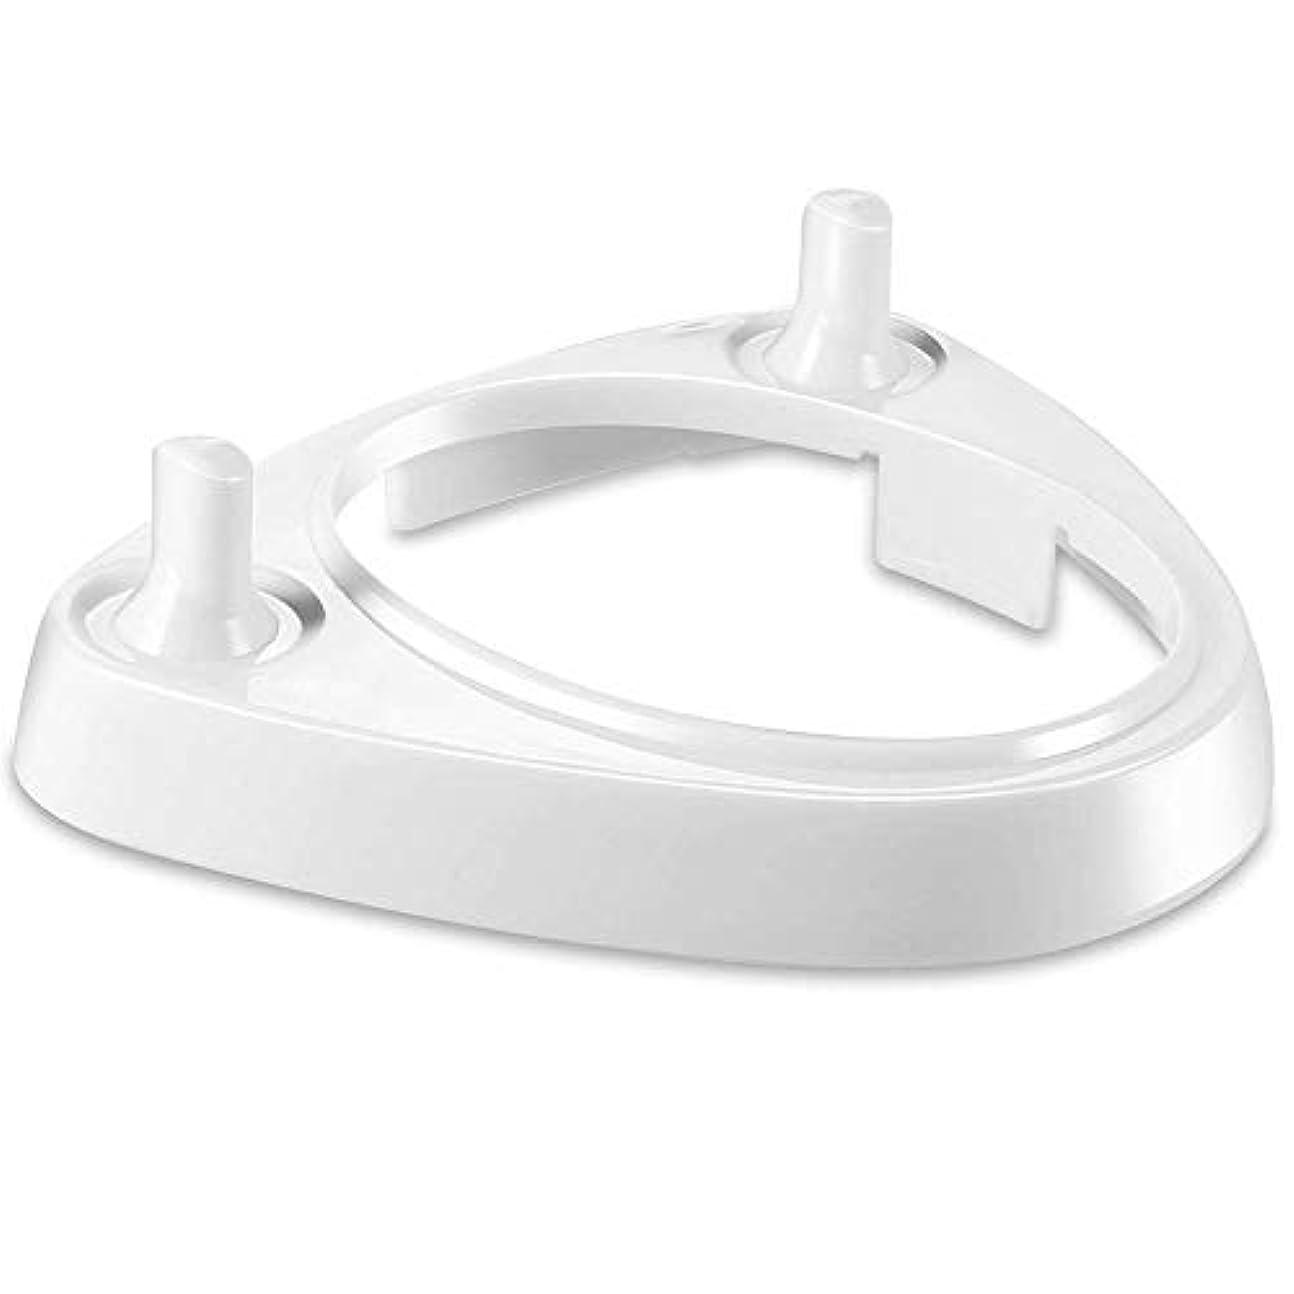 ドラフト人類赤道Orient Direct 歯ブラシのヘッドホルダーの三角形の形屋内のための歯ブラシのヘッド充電器のホールダー